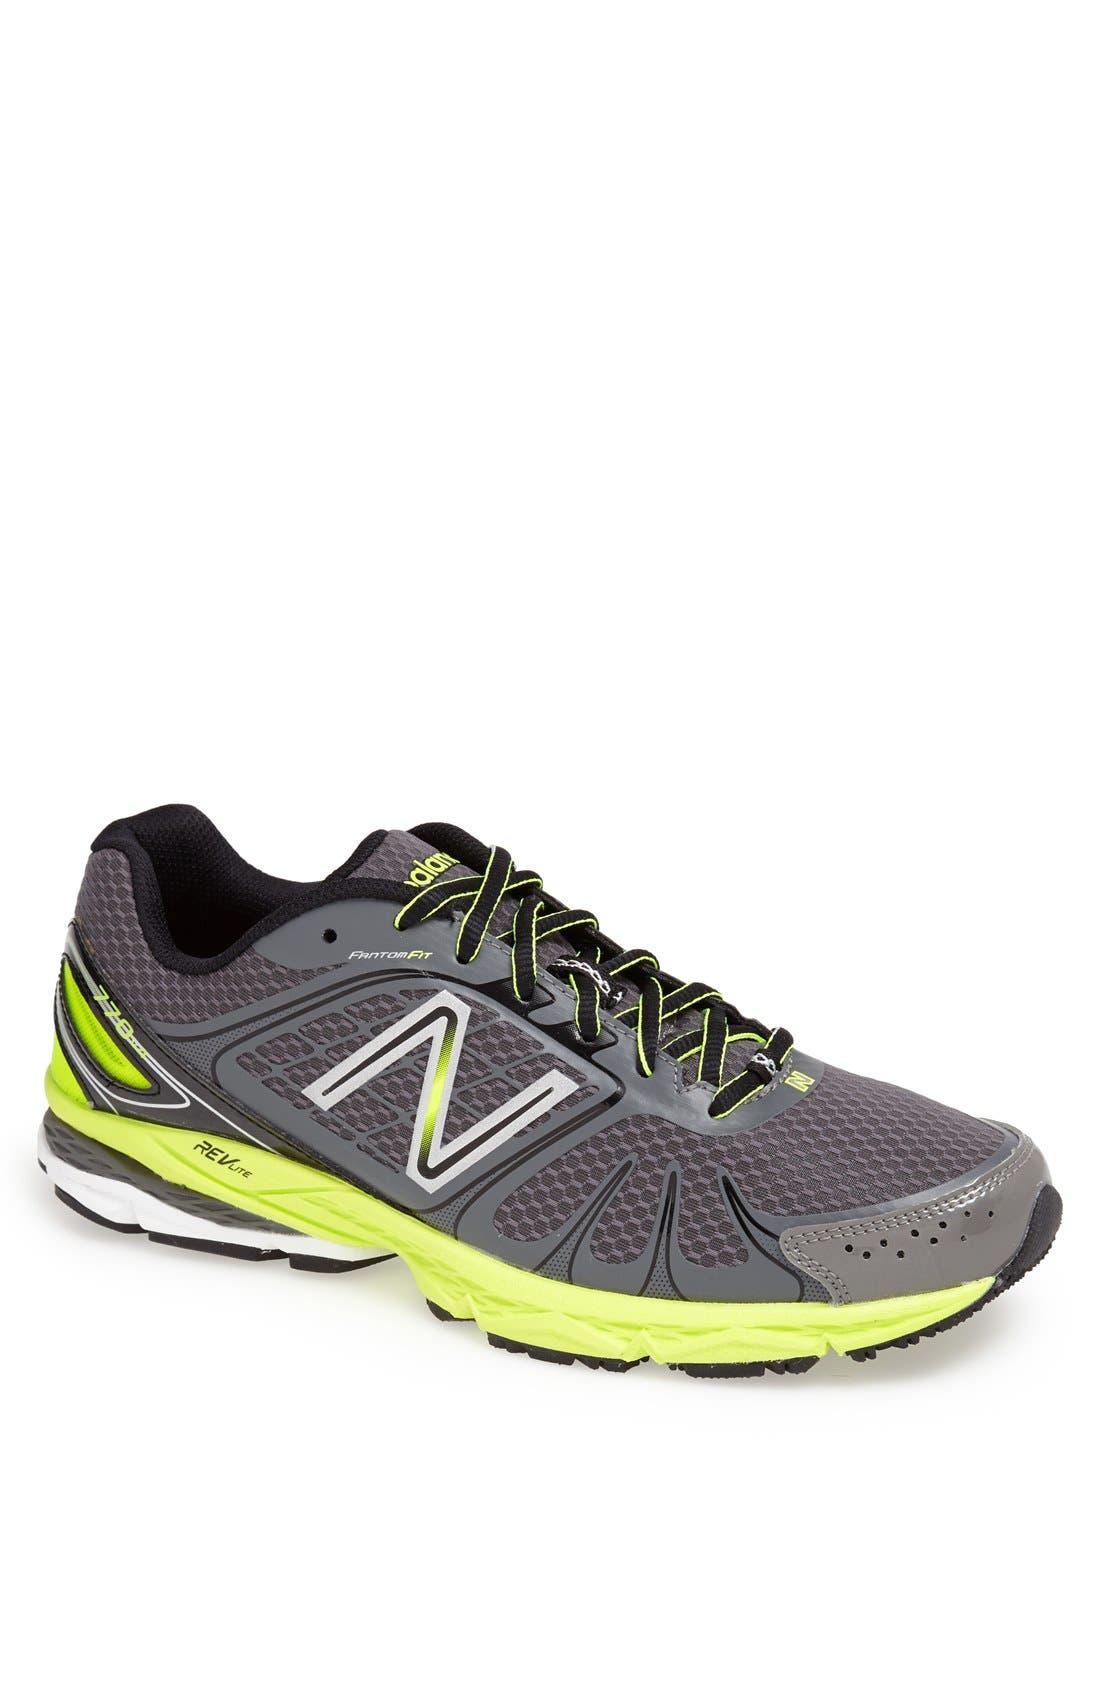 Main Image - New Balance '770' Running Shoe (Men)